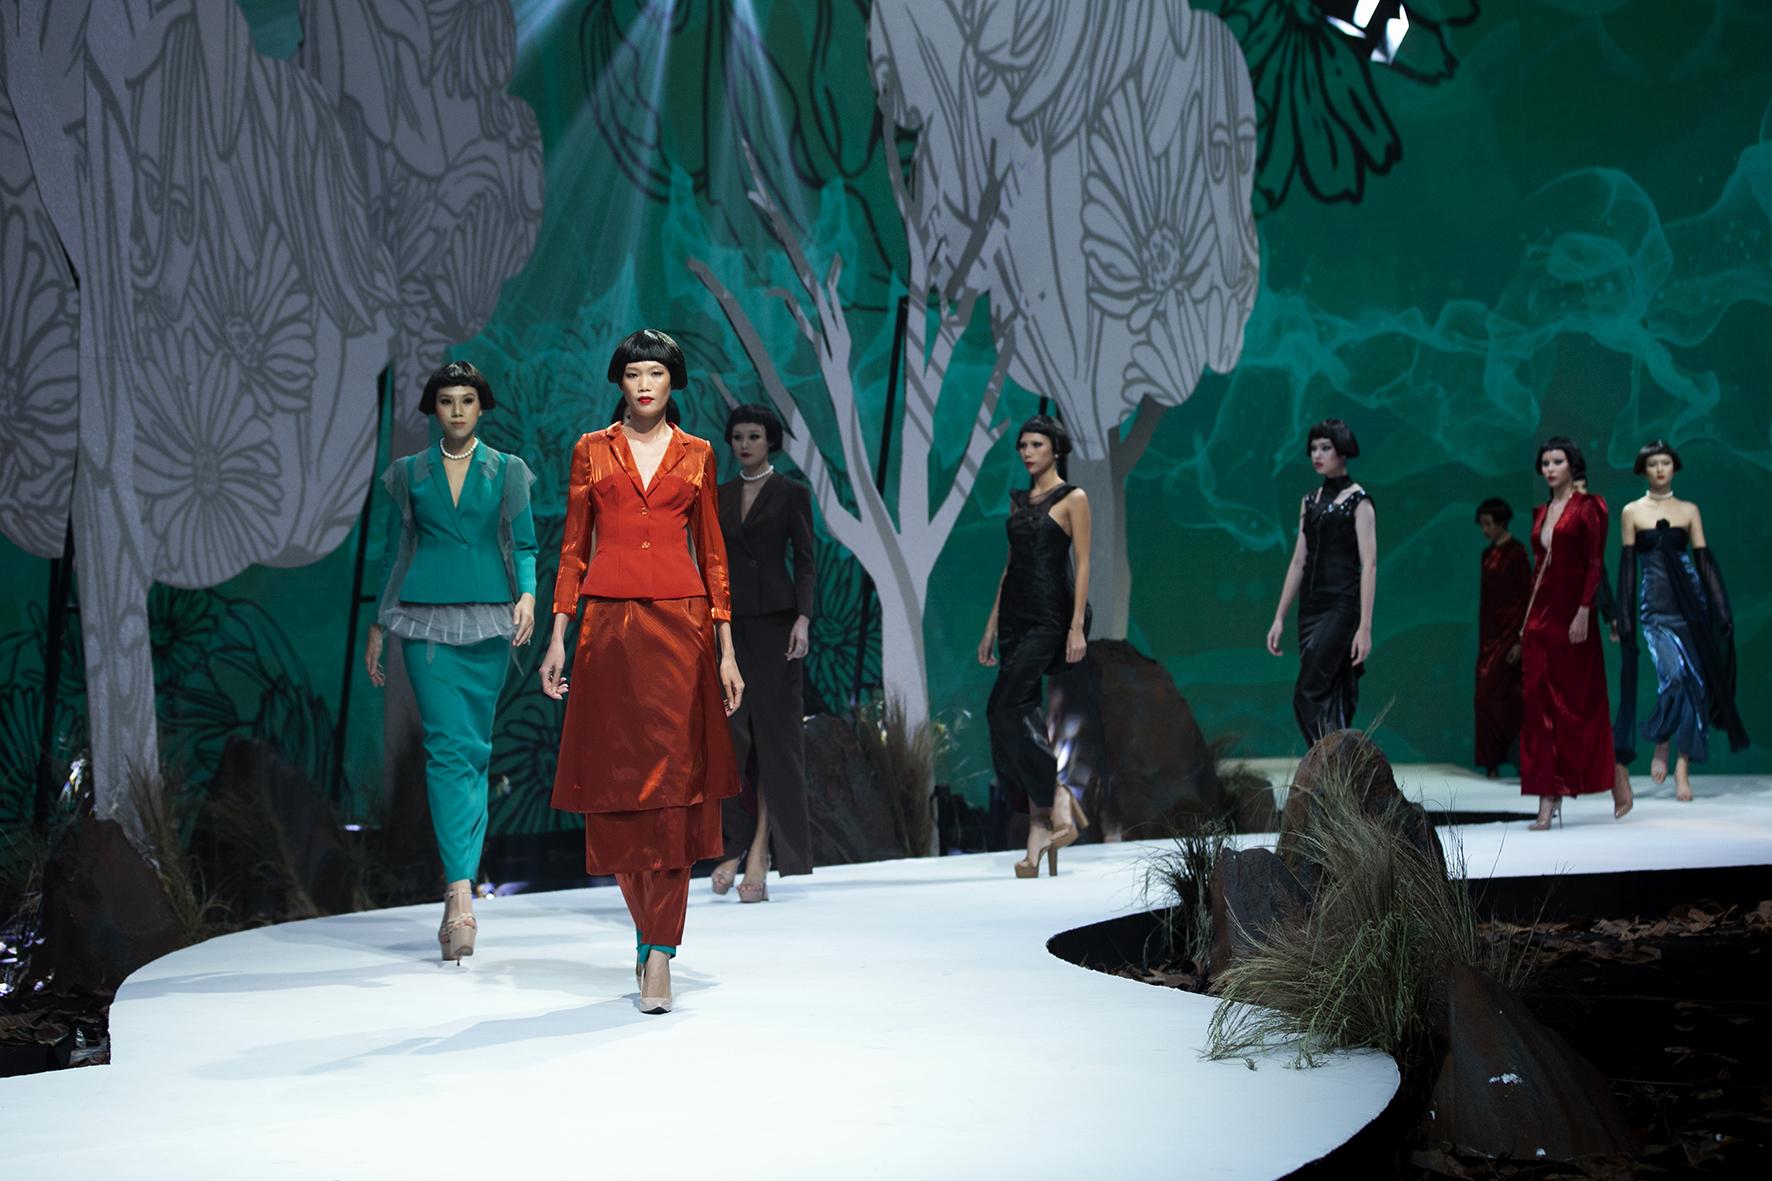 """Lê Âu Ngân Anh bất ngờ trở lại thảm đỏ, siêu mẫu Thanh Hằng hóa """"chị Hằng"""" trong truyền thuyết kết màn Tuần lễ thời trang - Ảnh 10."""